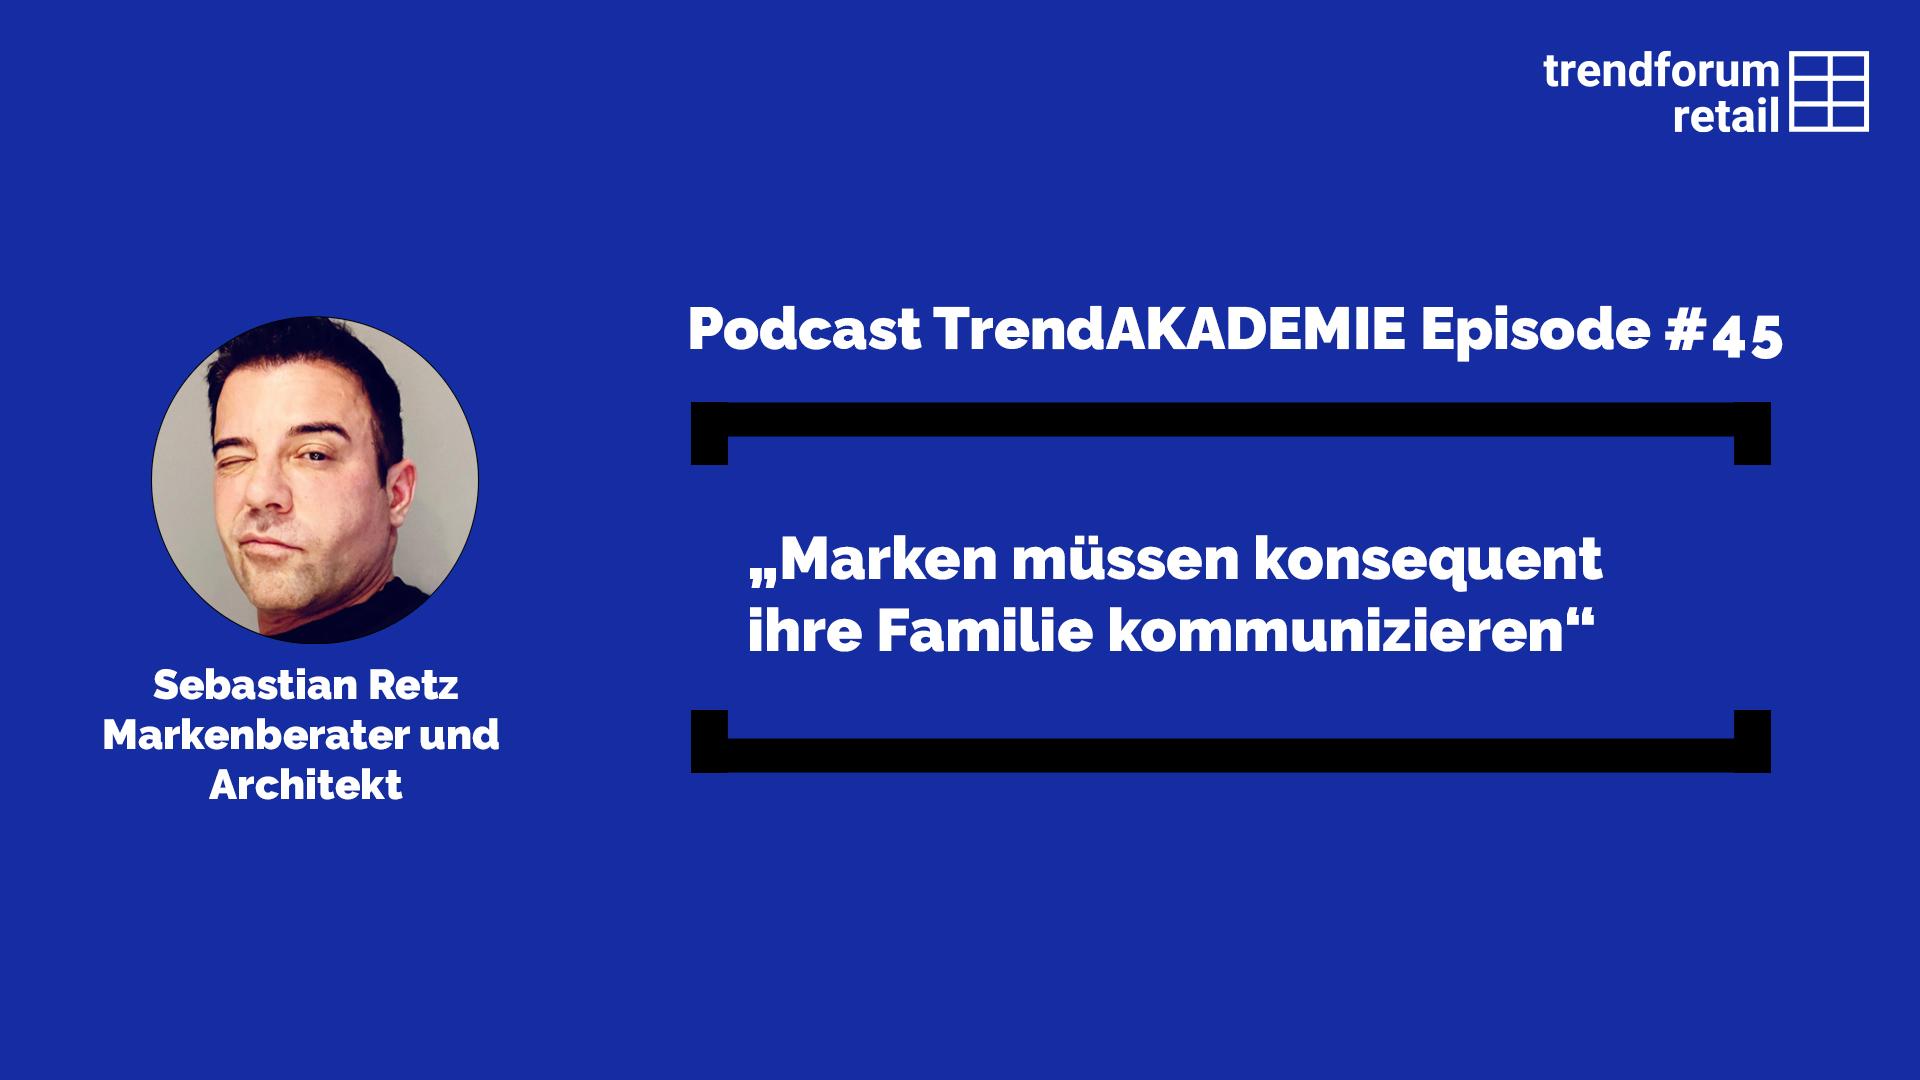 """Podcast TrendAKADEMIE - Episode 45: """"Marken müssen konsequent ihre Familie kommunizieren"""